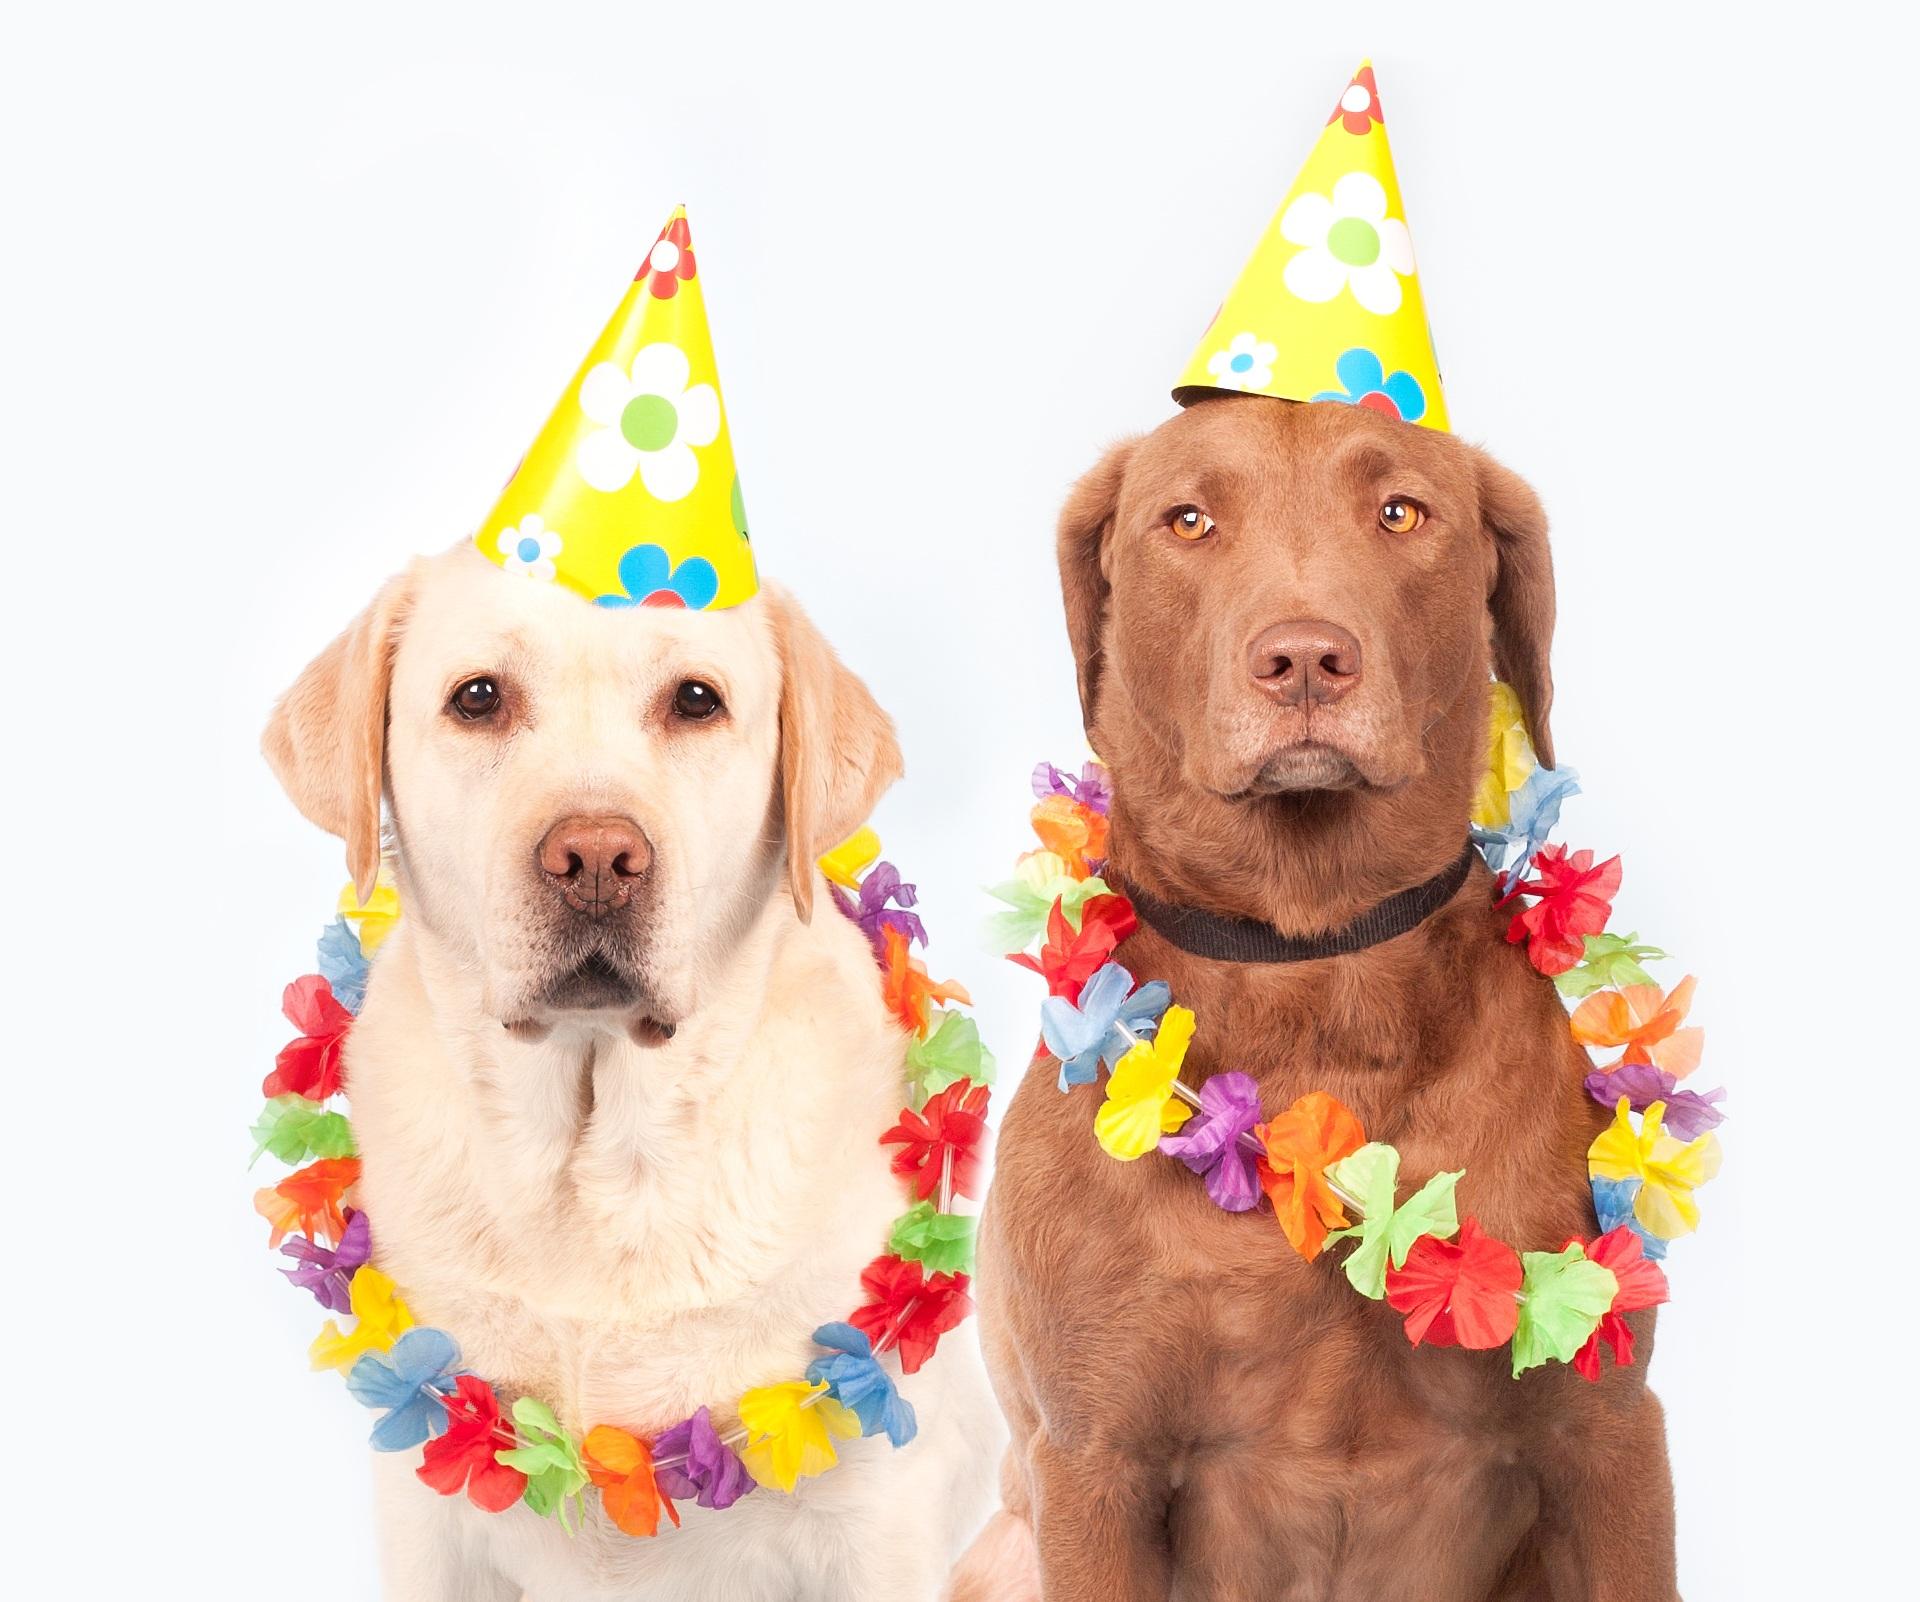 Cani addobbati a festa per carnevale